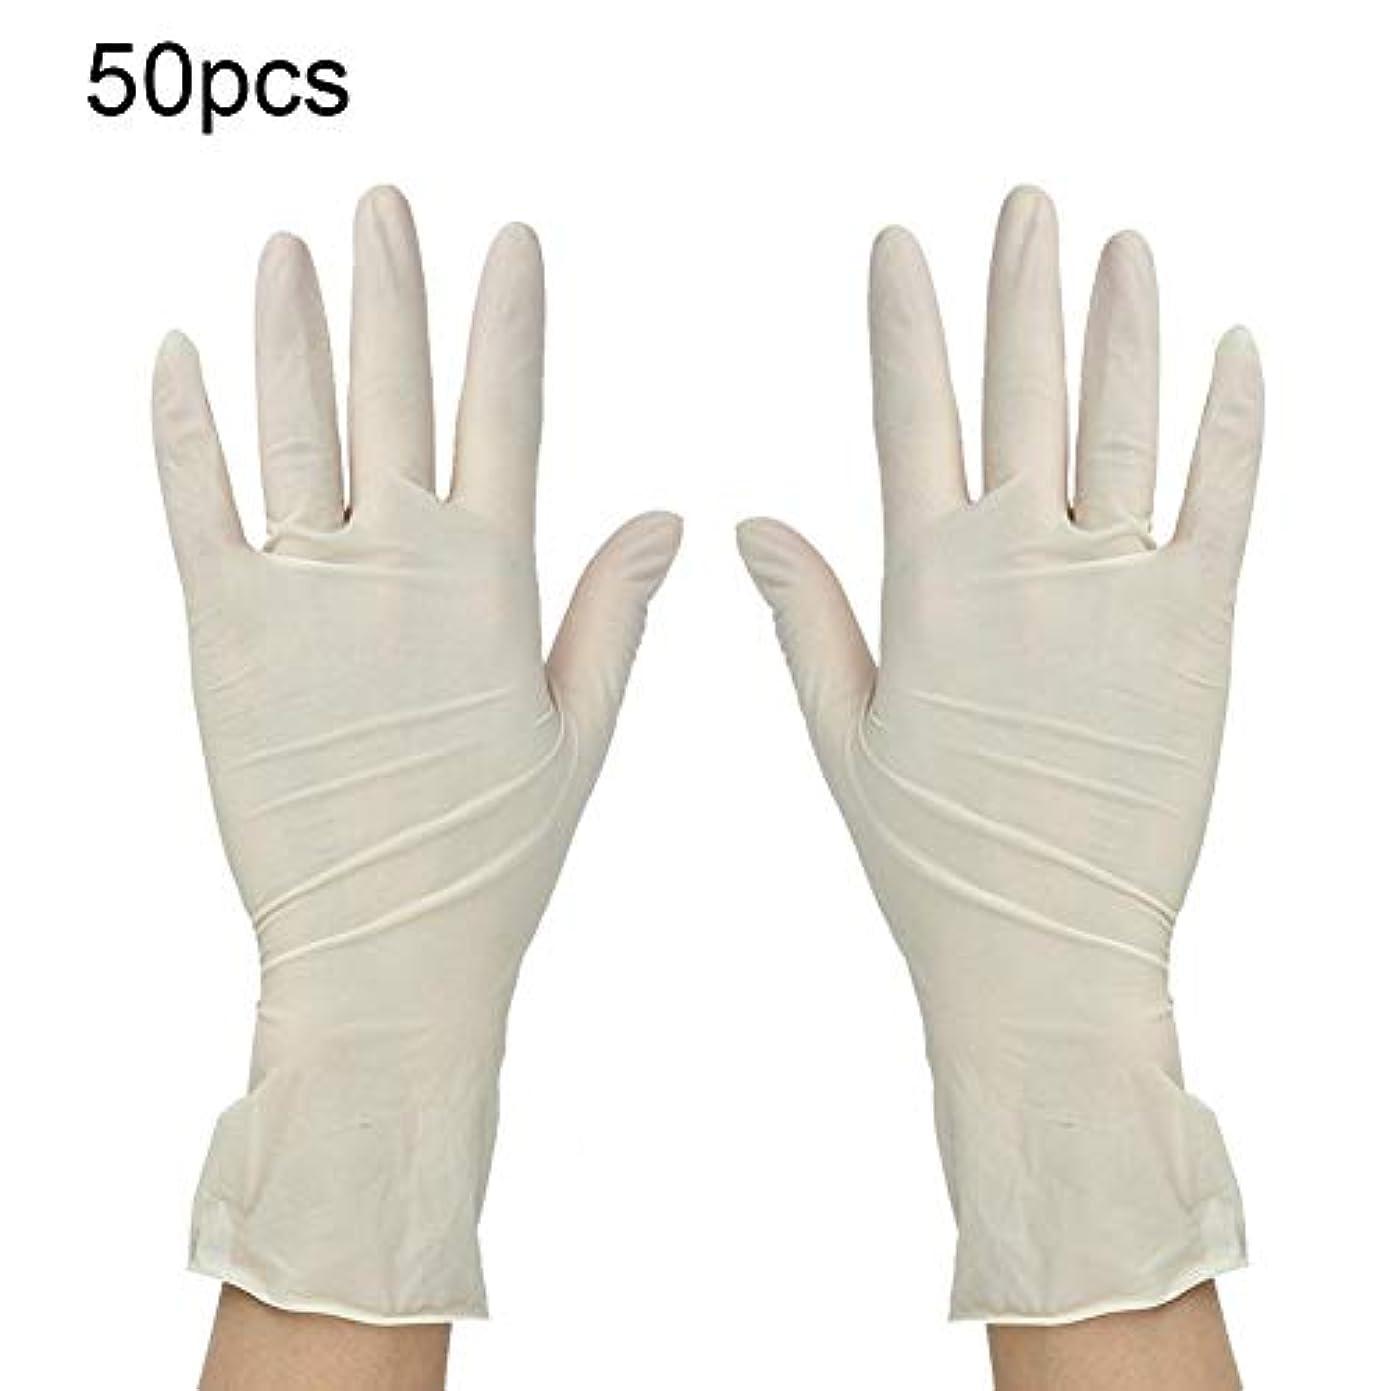 感覚征服する社会50ペア/パック使い捨て手袋 エクストラストロングラテックスグローブ 美容院医療歯科 サービスクリーニング手袋(M)